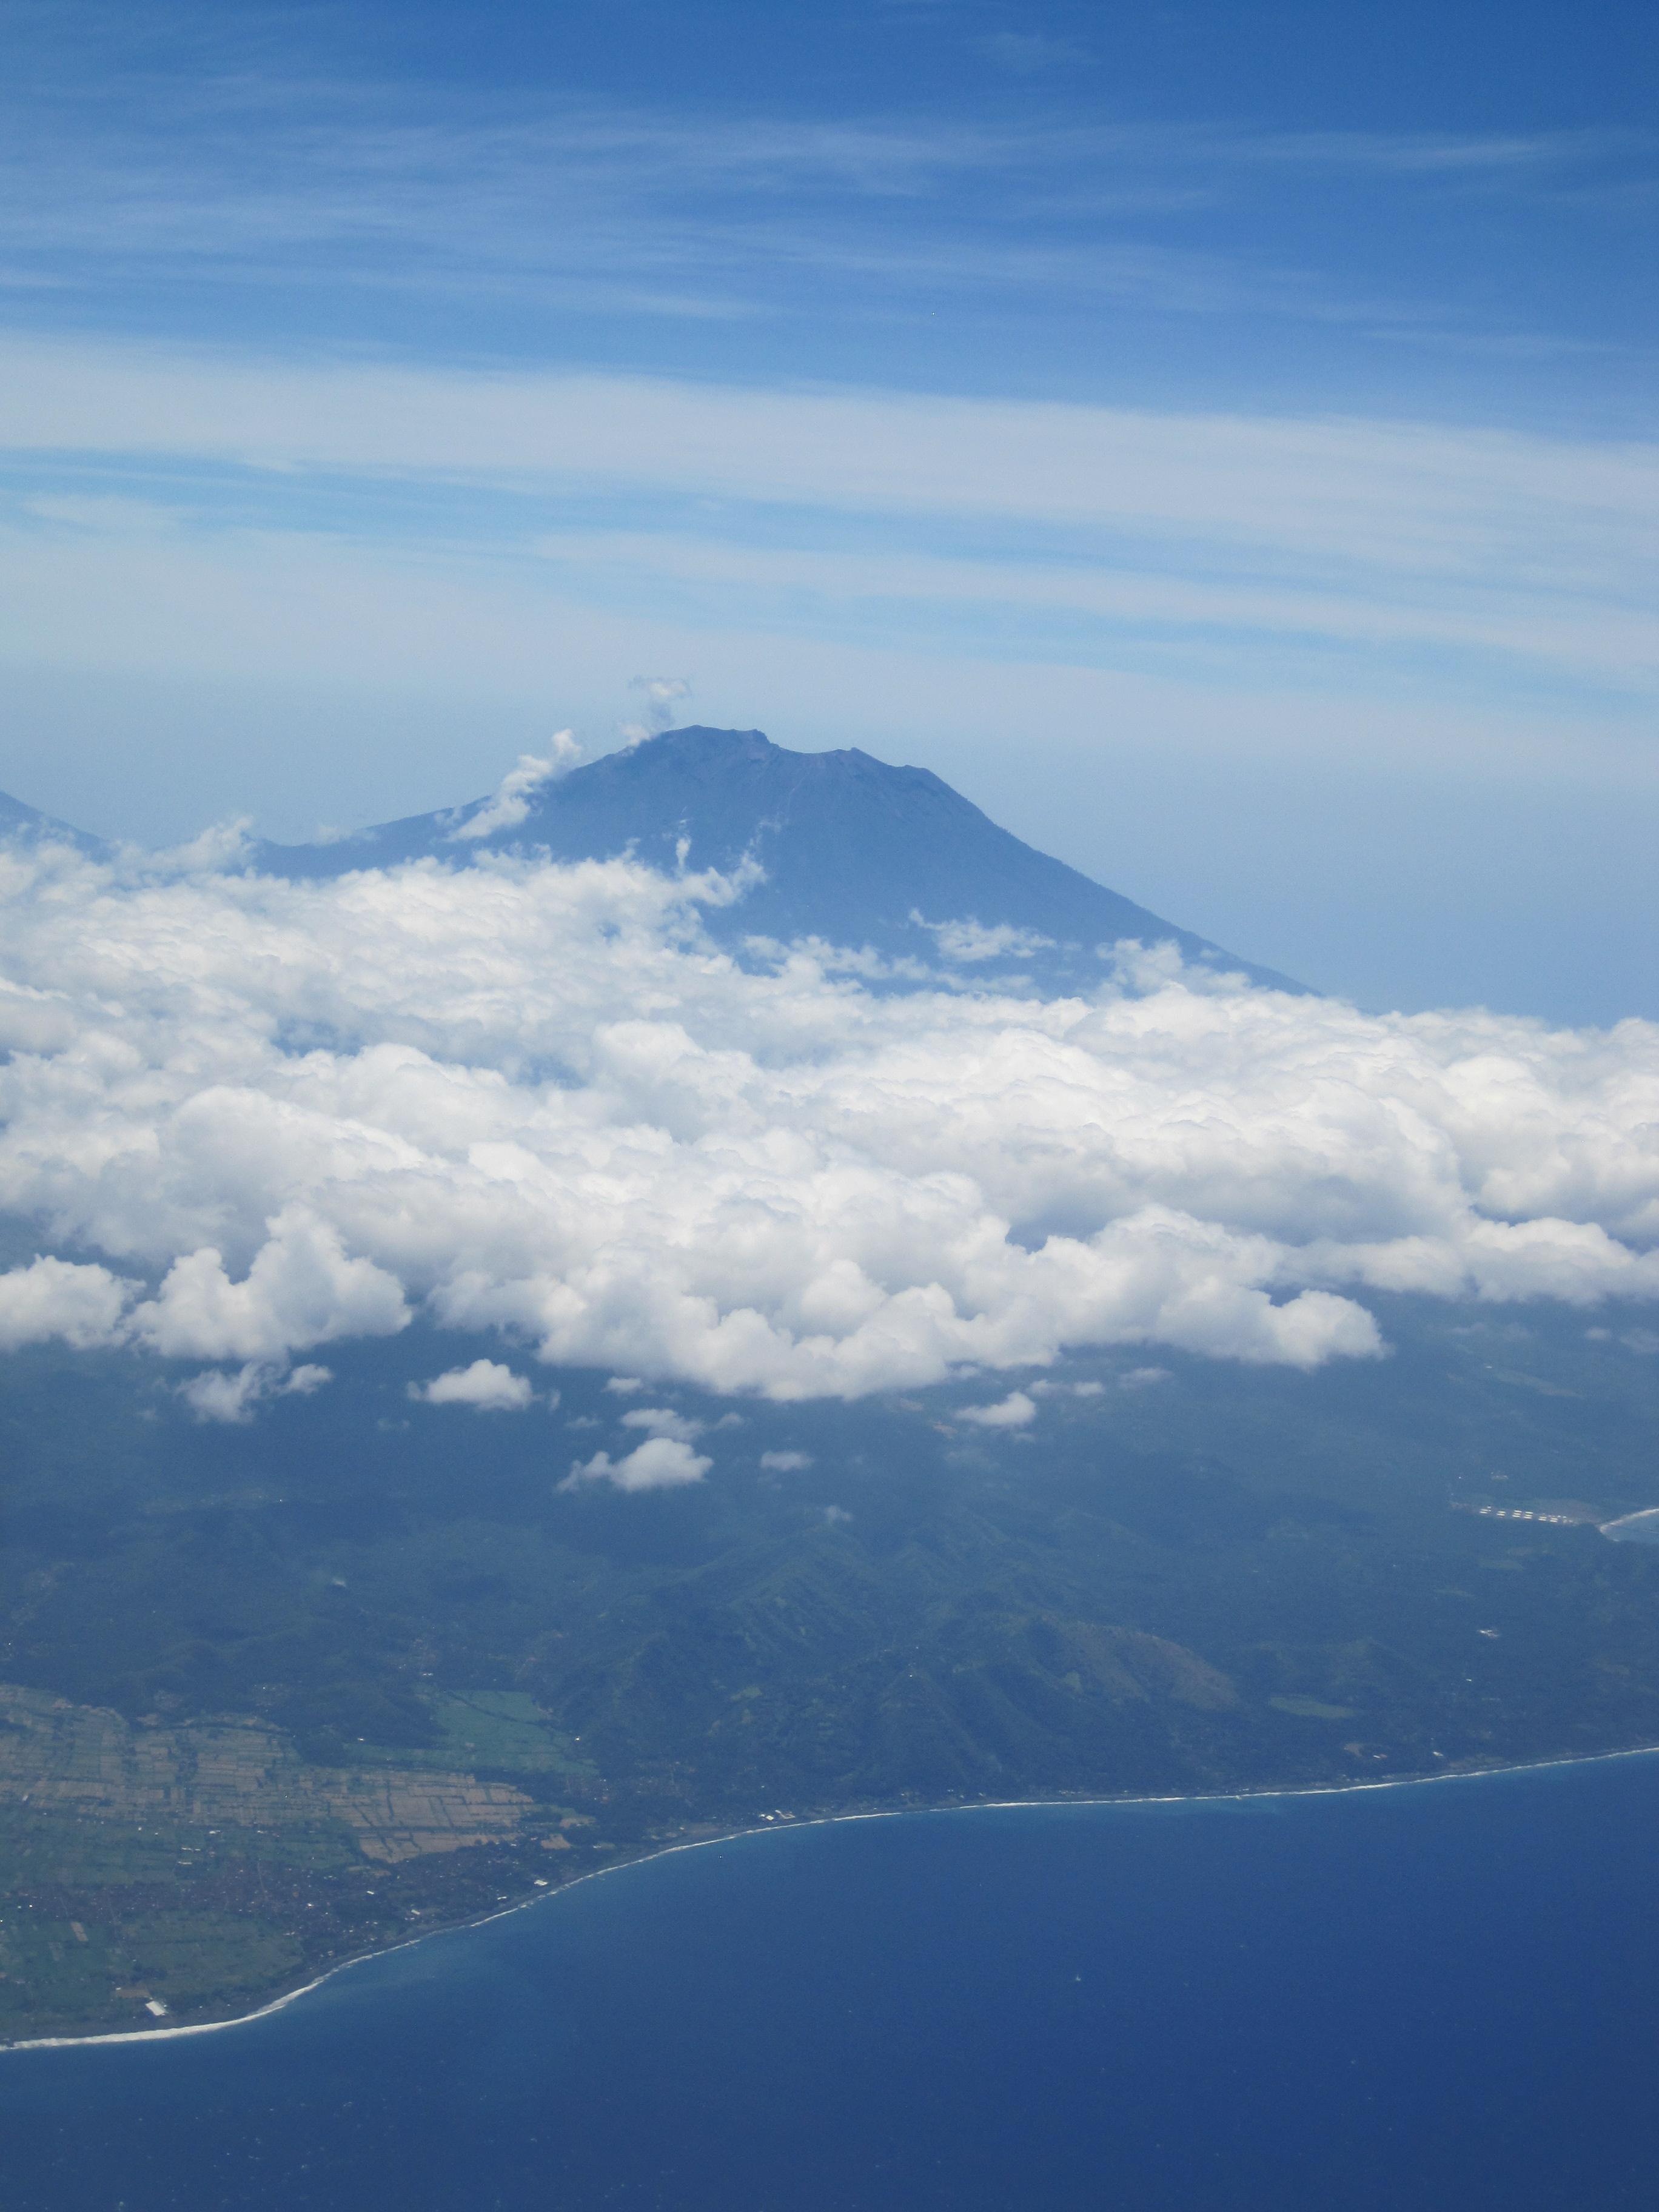 Bali, Gunung Agung, Mt. Agung